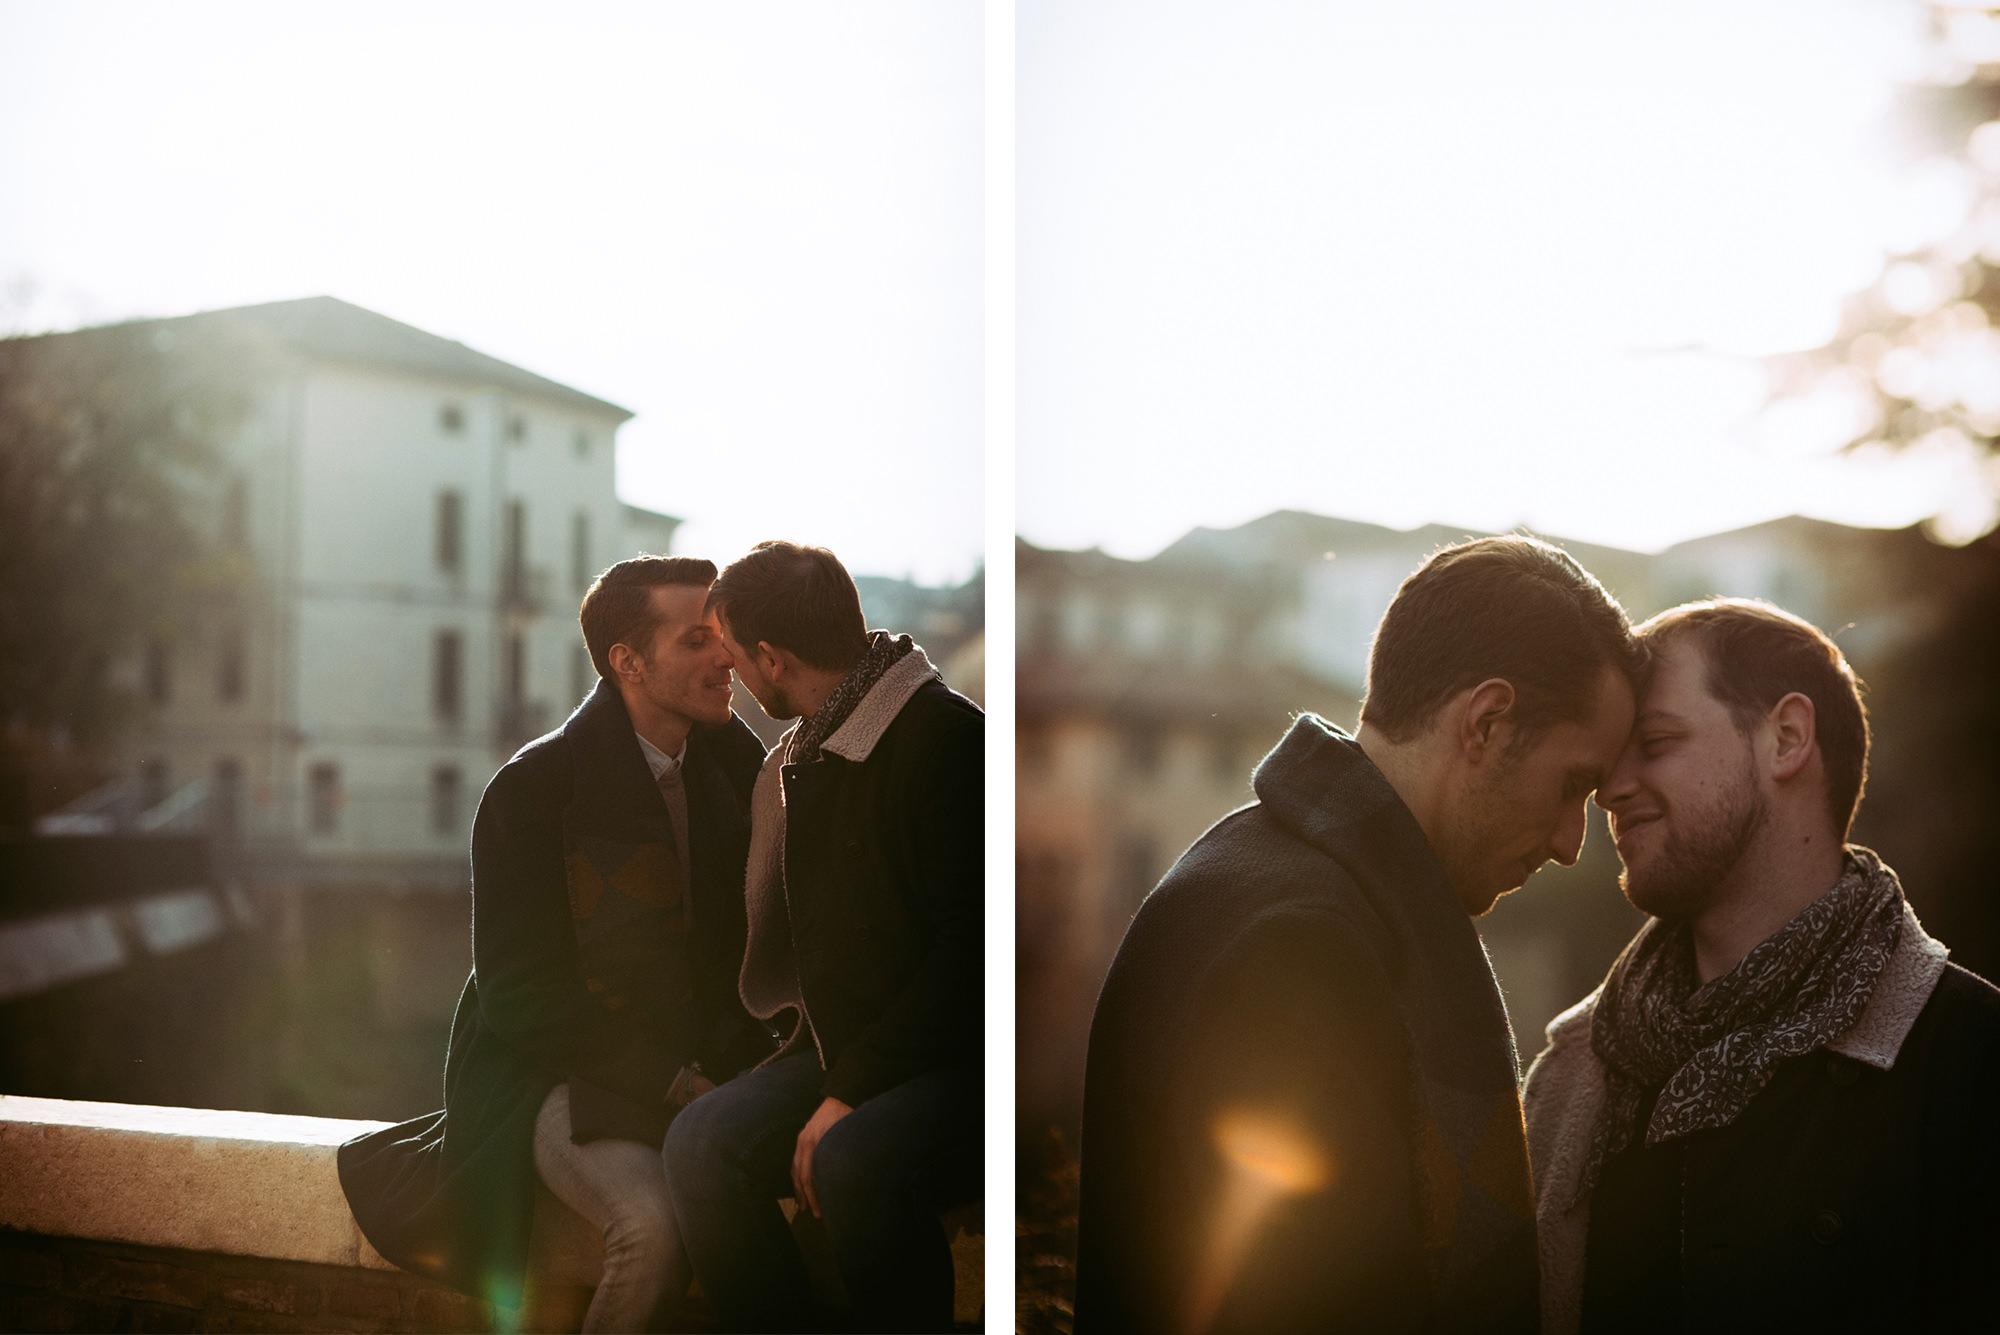 samesex couple photos italy 008 - Same-Sex Couple Photos Italy - Luca & Filippo